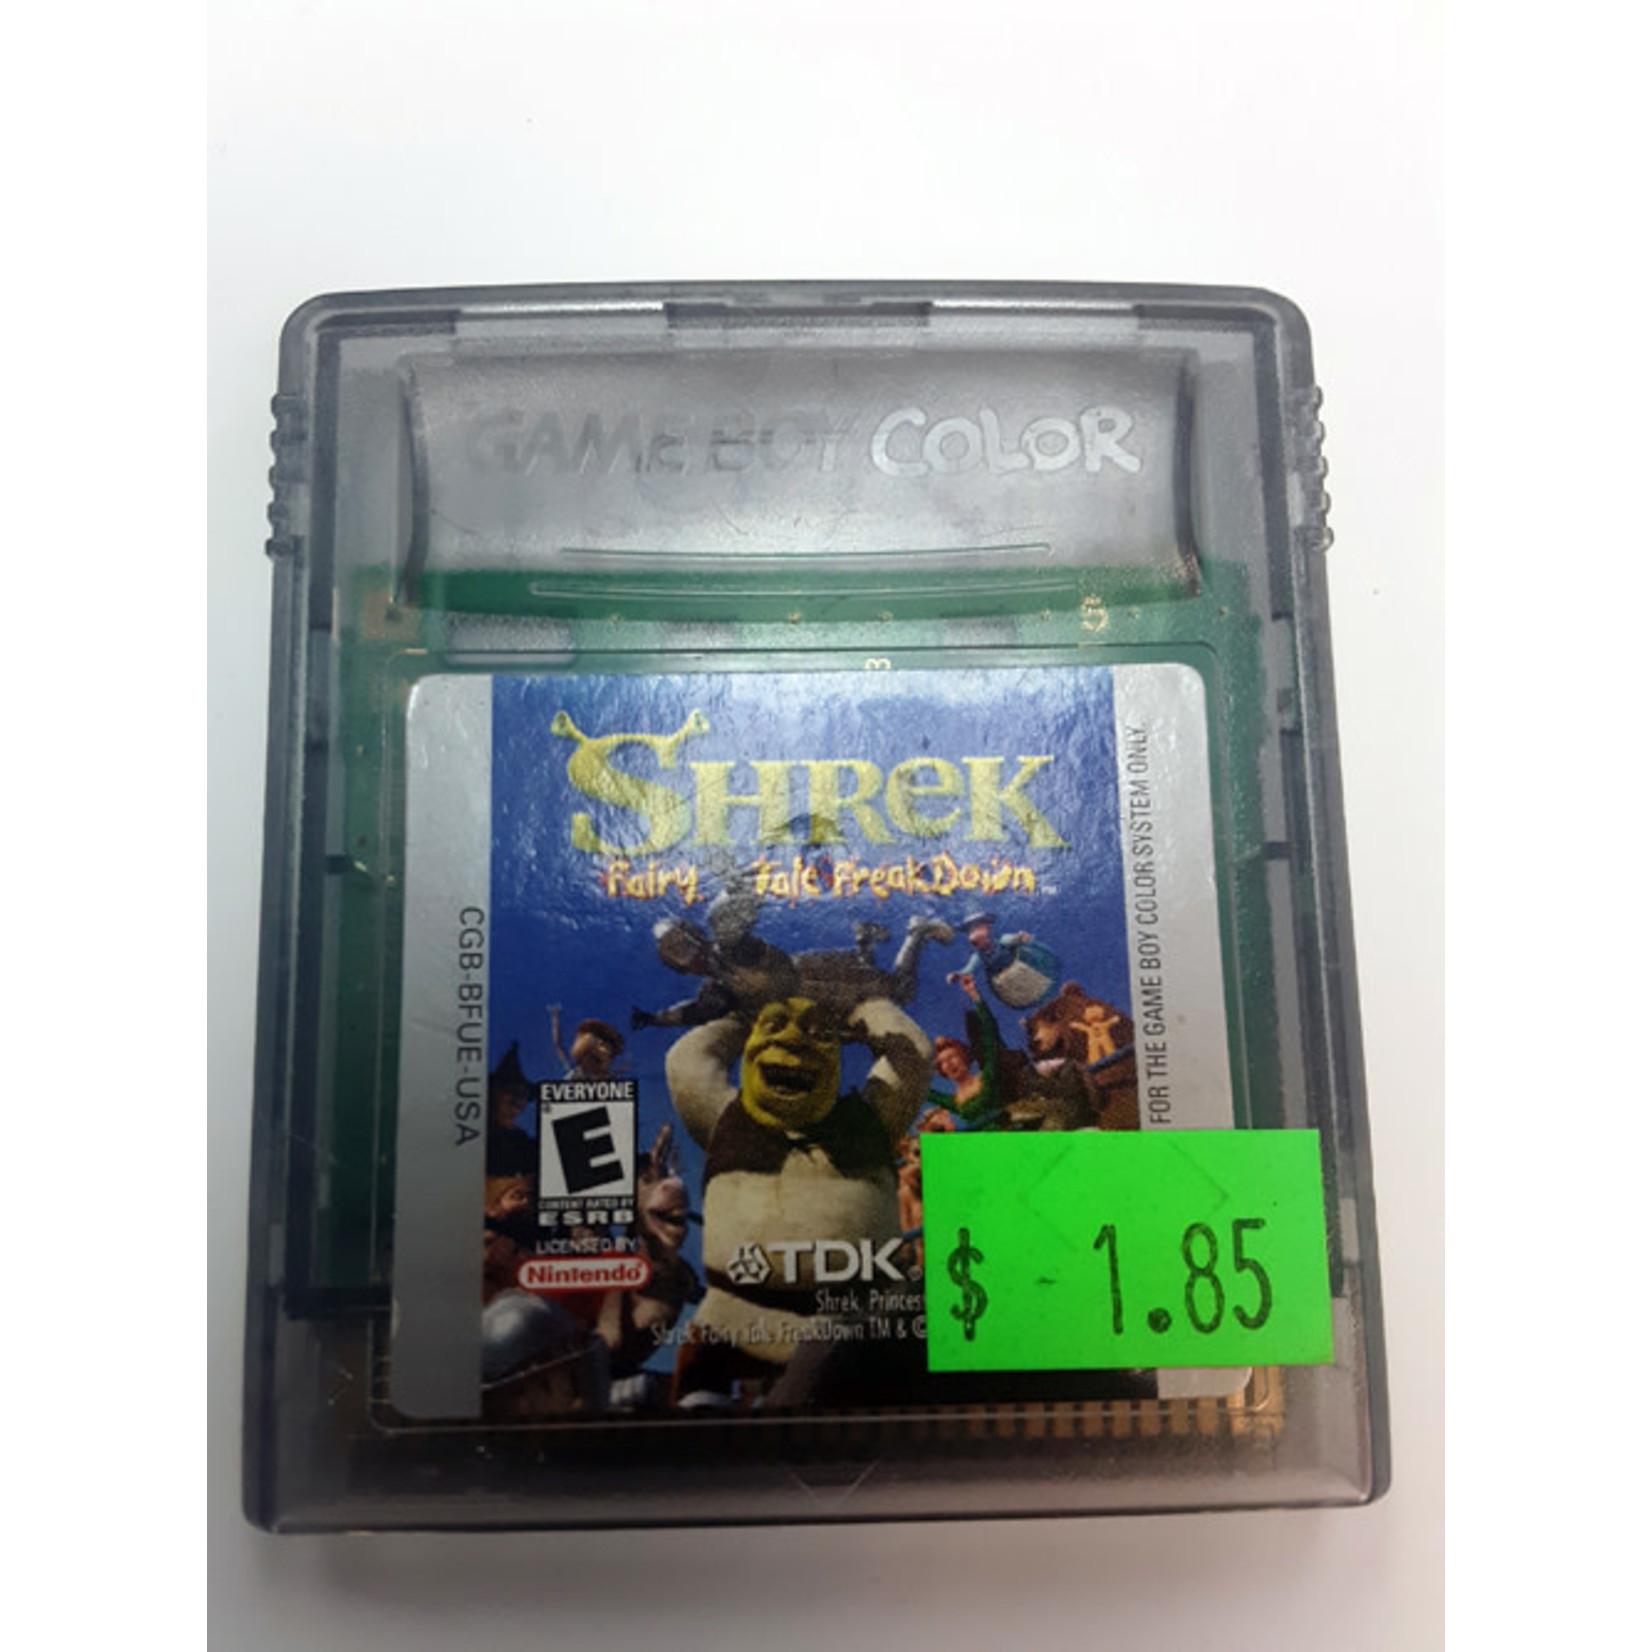 gbcu-Shrek Fairy Tale Freakdown (cartridge)